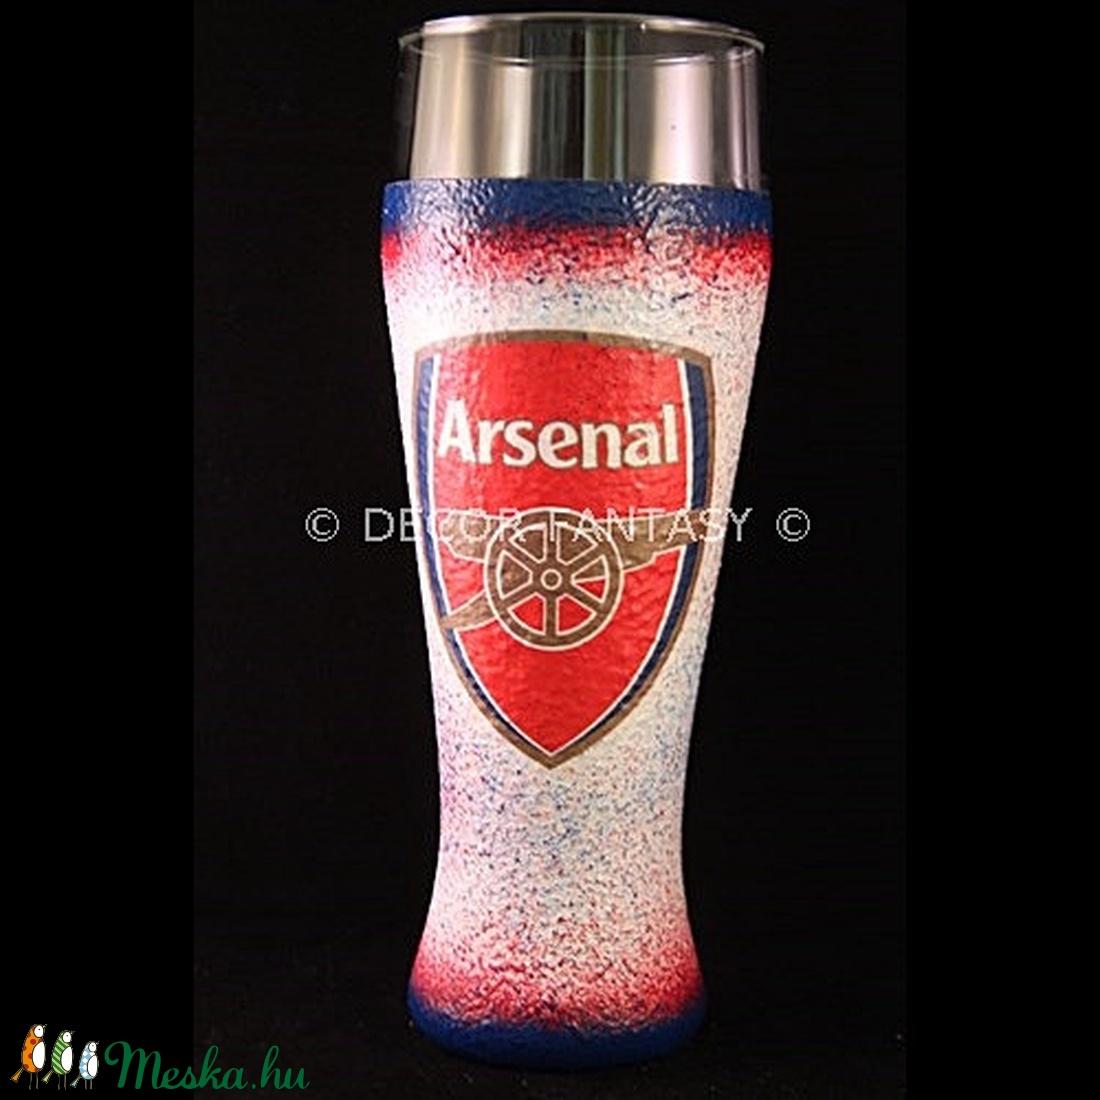 ARSENAL sörös pohár ( 0,5 l ) ; Igazán egyedi Arsenal szurkolói ajándék (decorfantasy) - Meska.hu